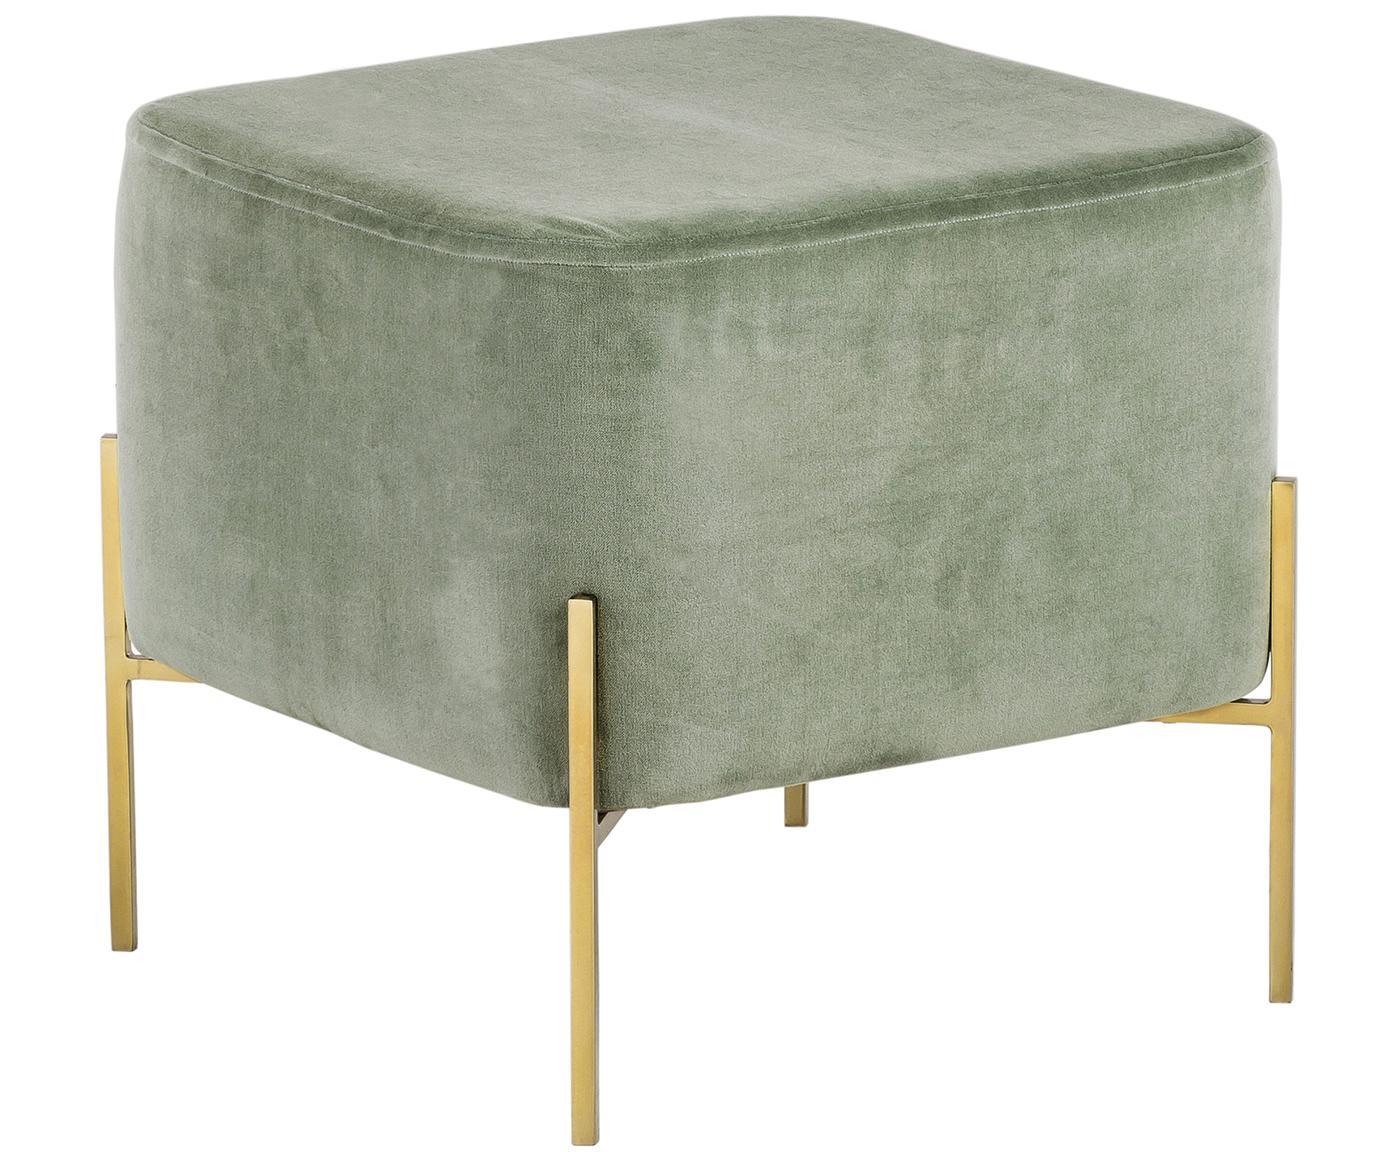 Samt-Hocker Harper, Bezug: Baumwollsamt, Fuß: Metall, pulverbeschichtet, Salbeigrün, Goldfarben, 46 x 44 cm